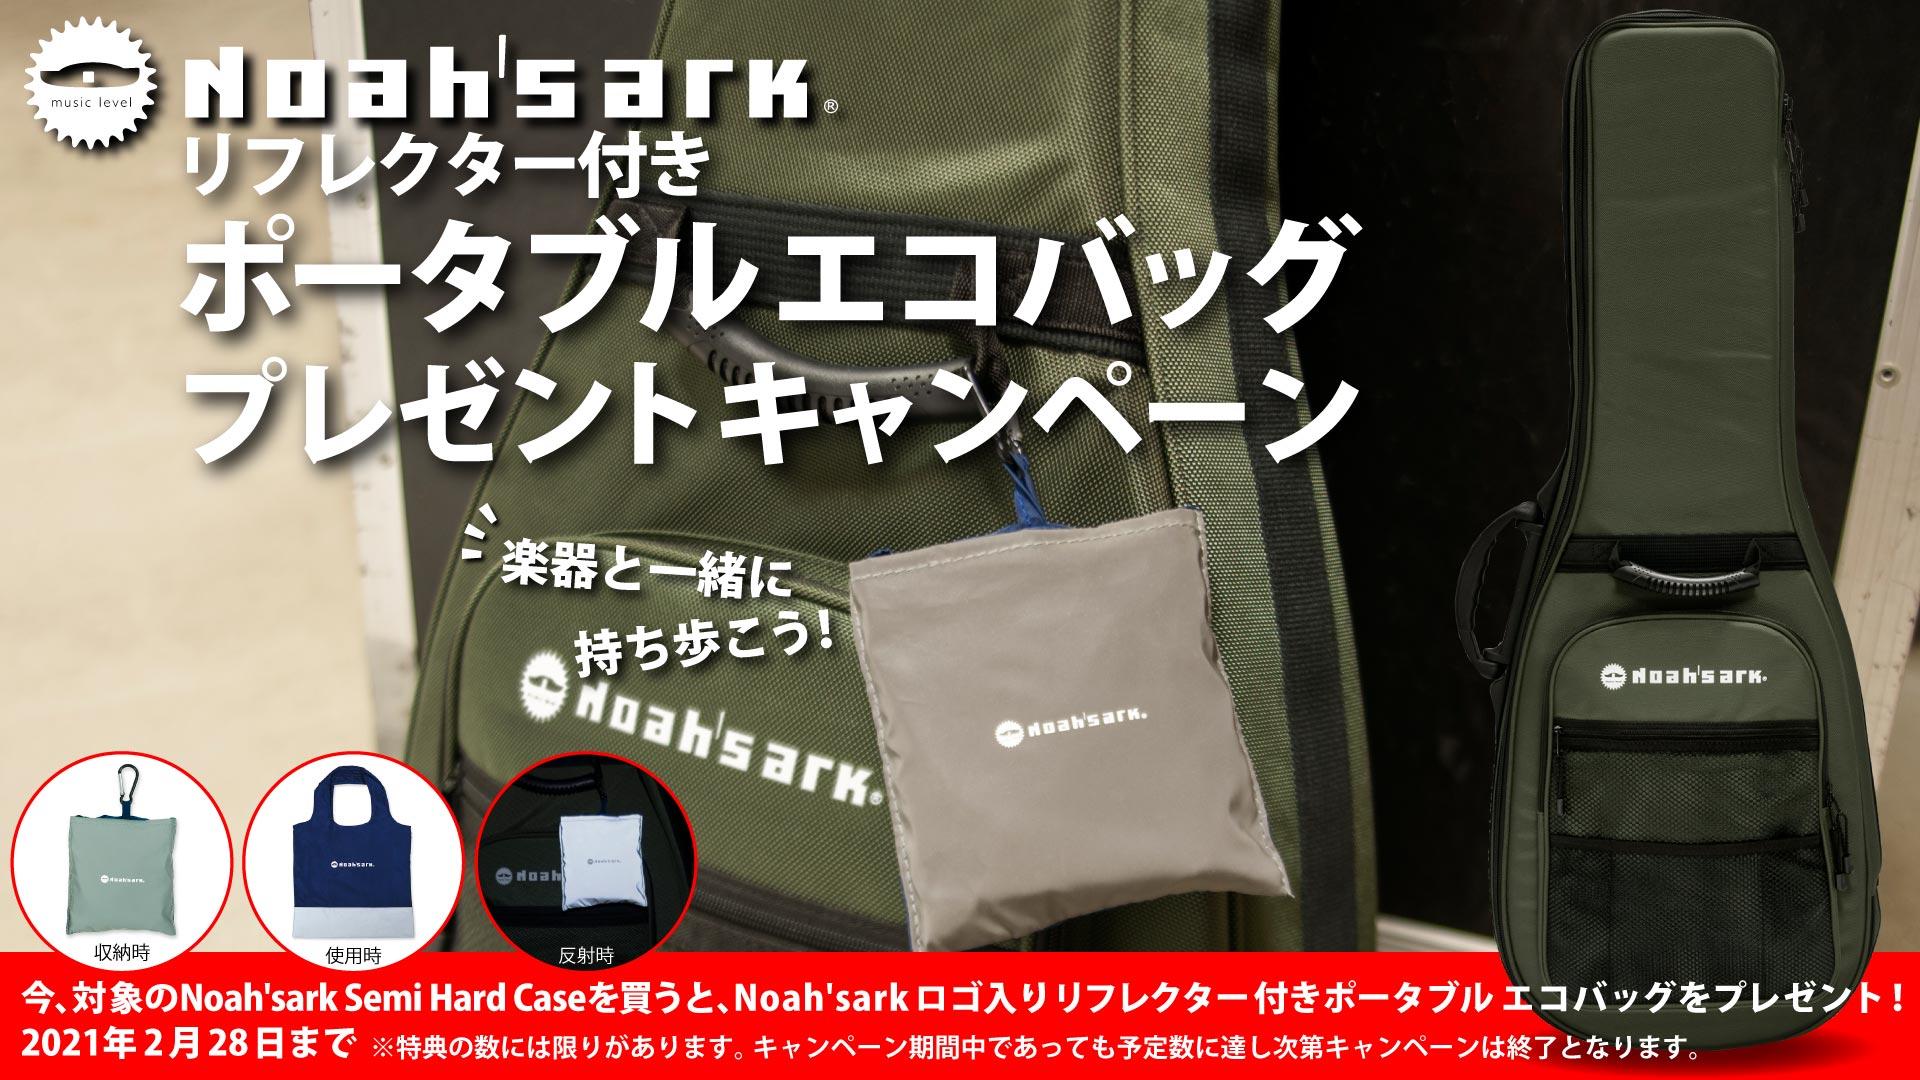 Noah'sark リフレクター付きポータブル エコバッグ プレゼントキャンペーン